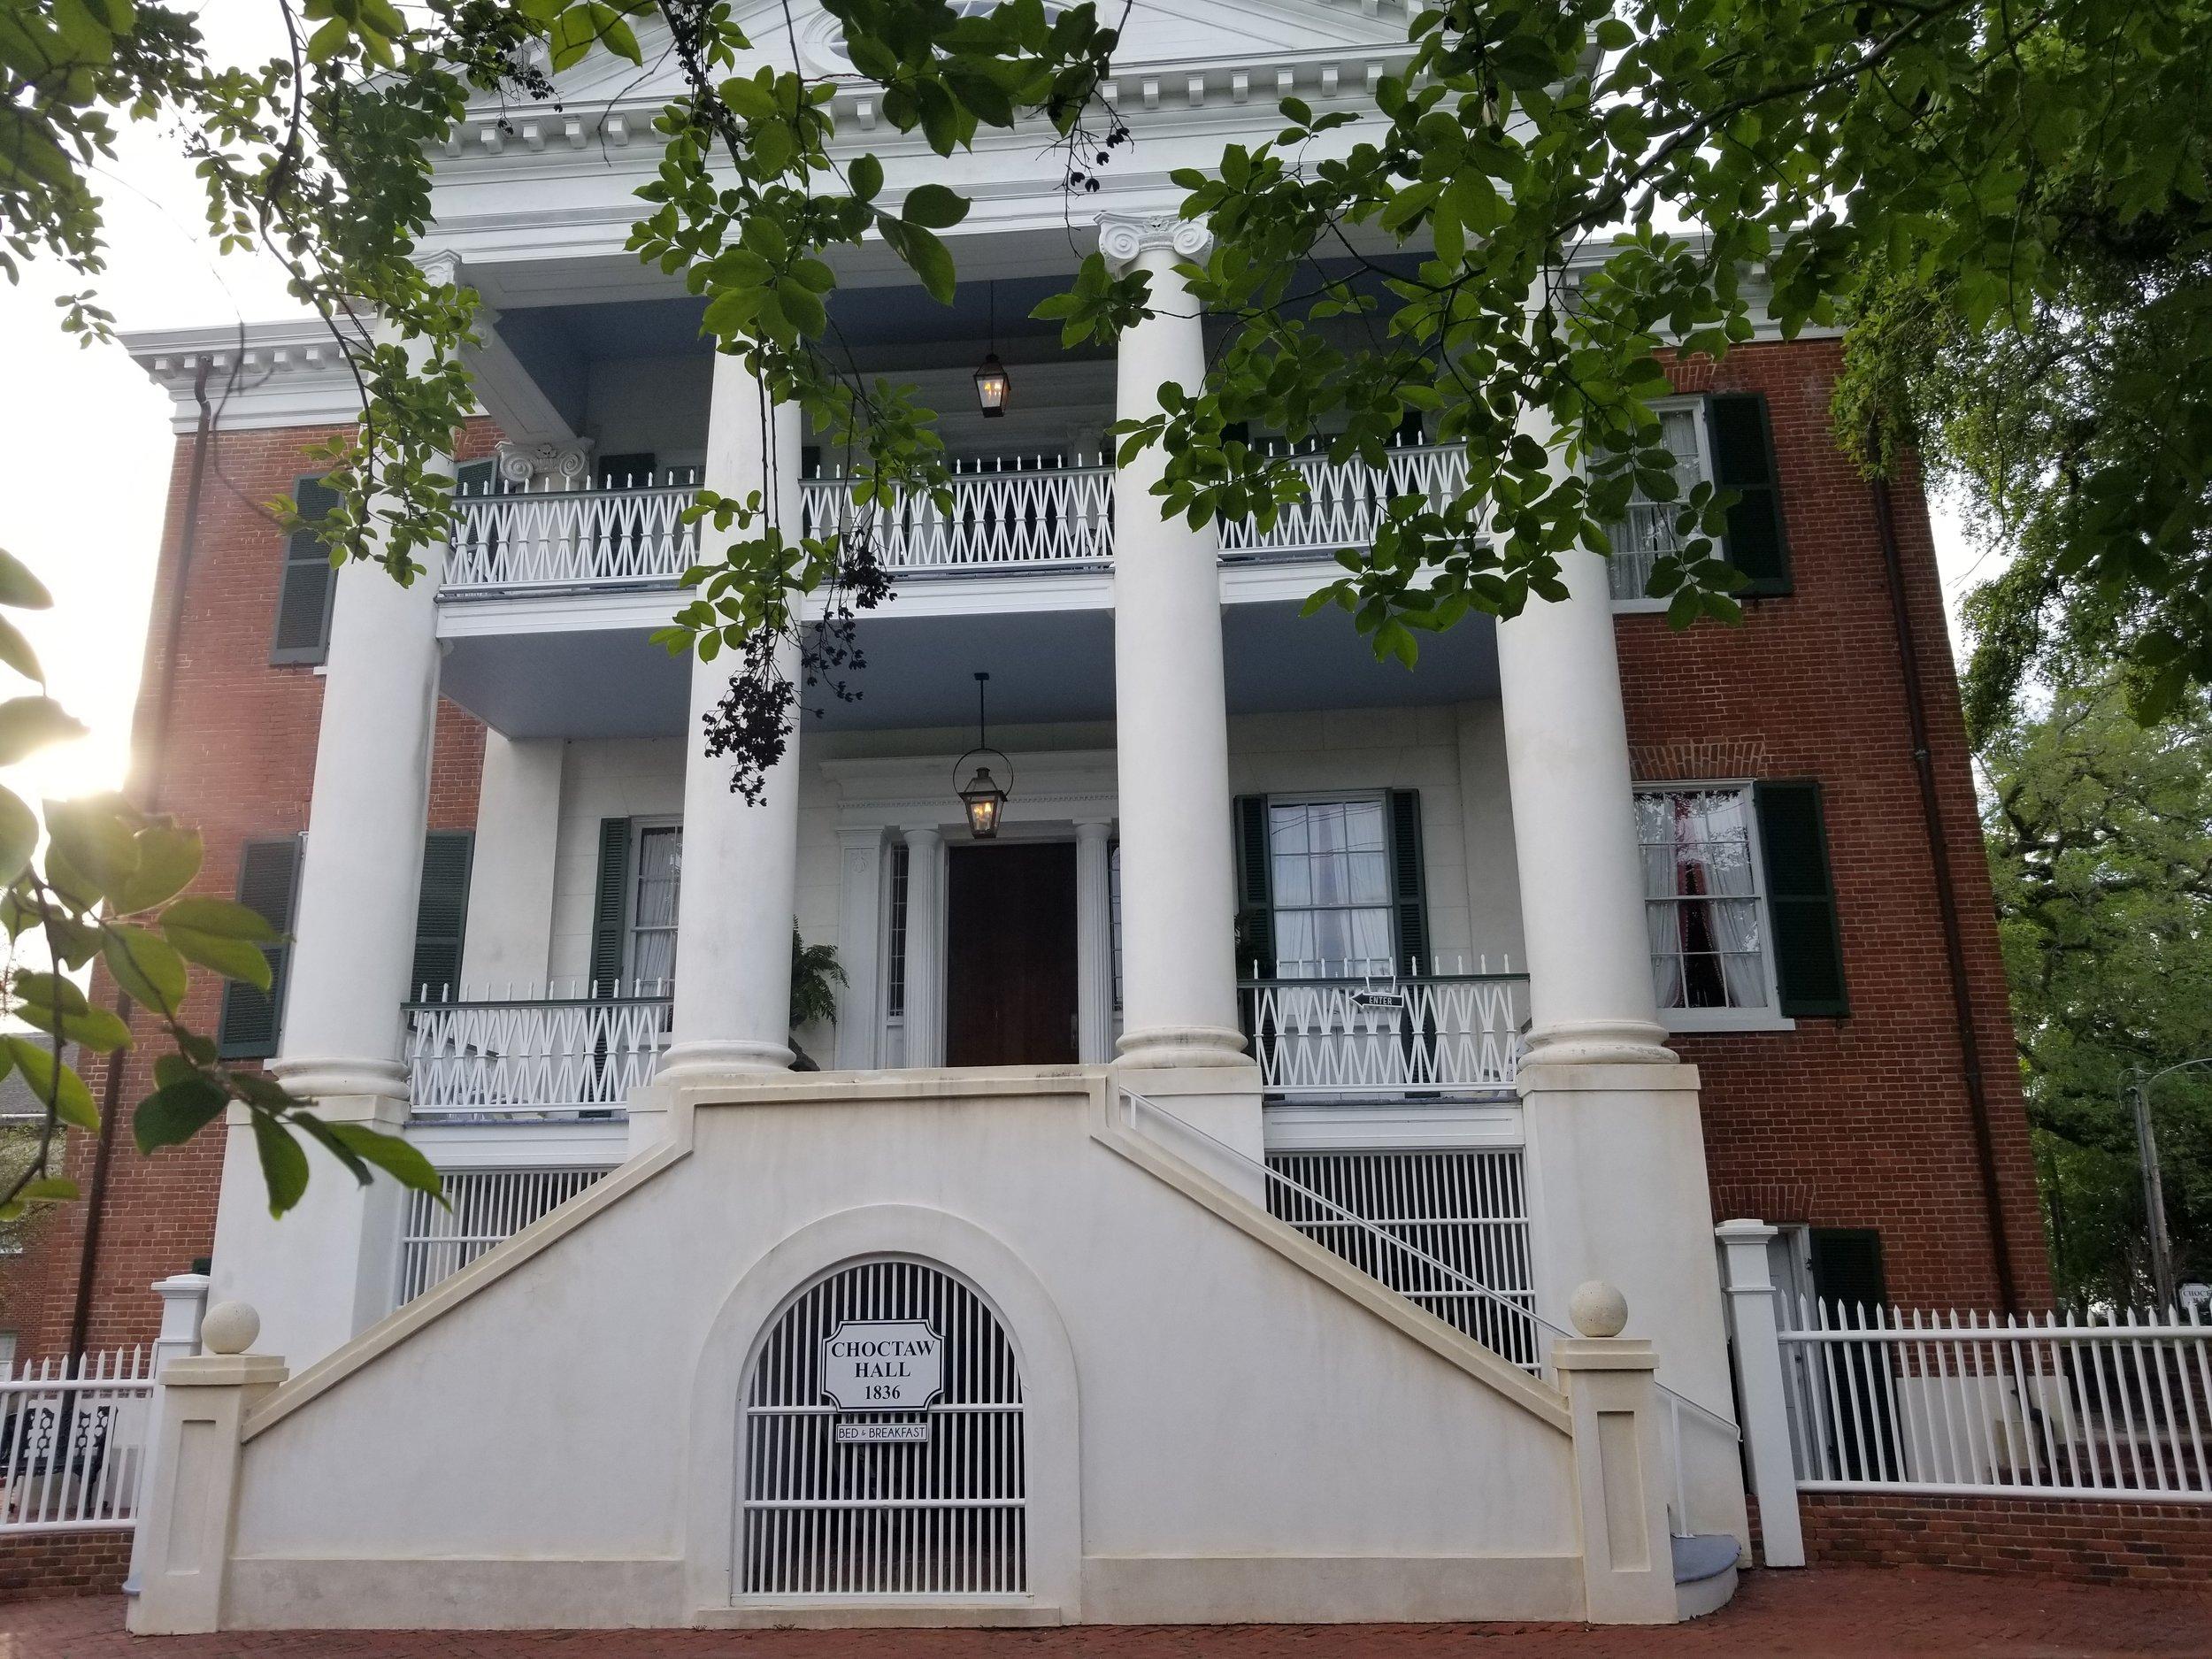 Choctaw Hall - 1836